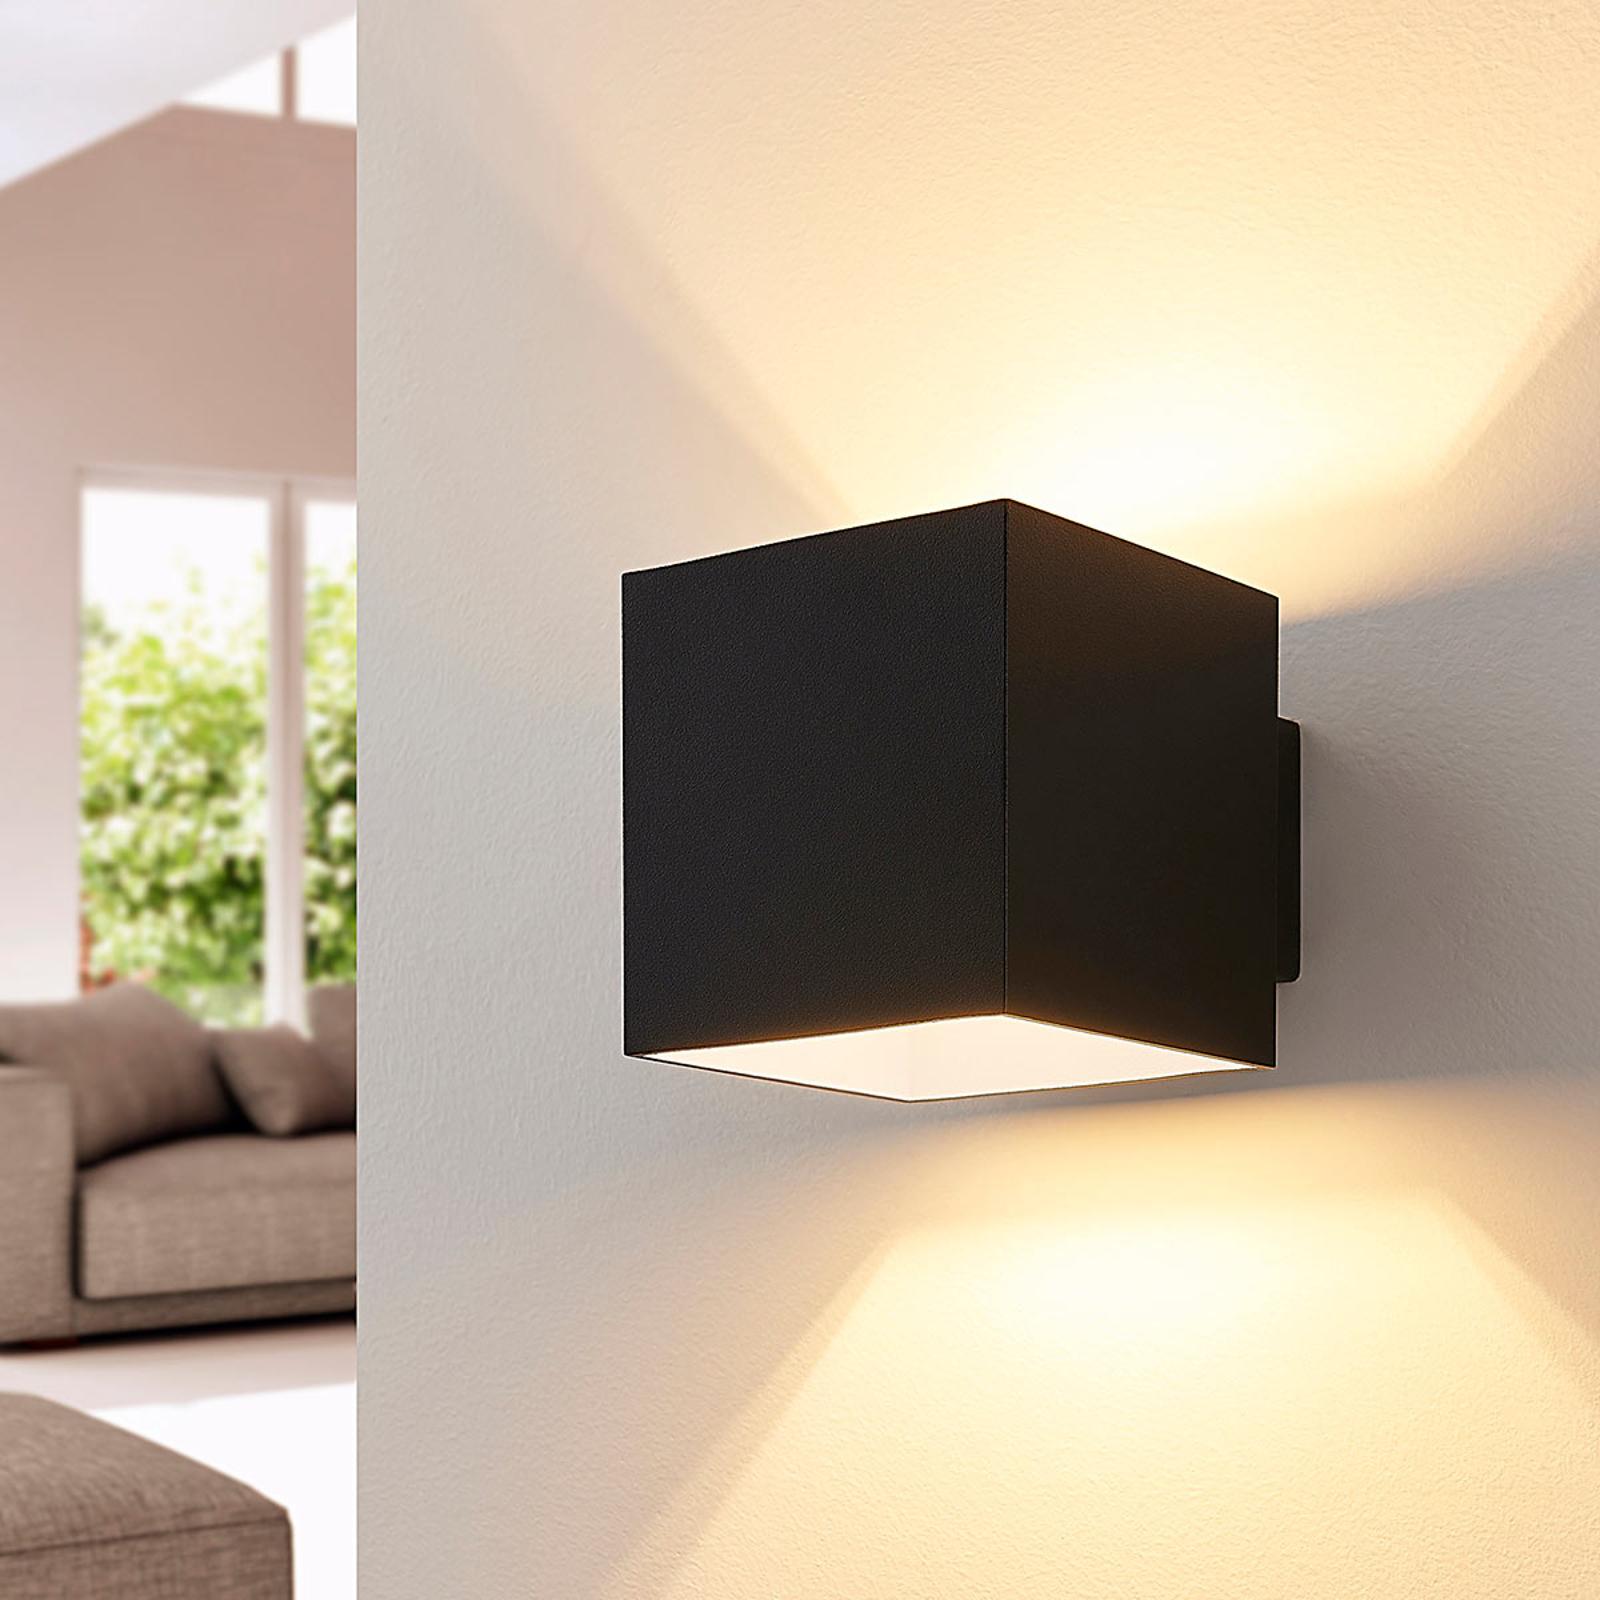 Černá nástěnná LED lampa Rocco, krychlová